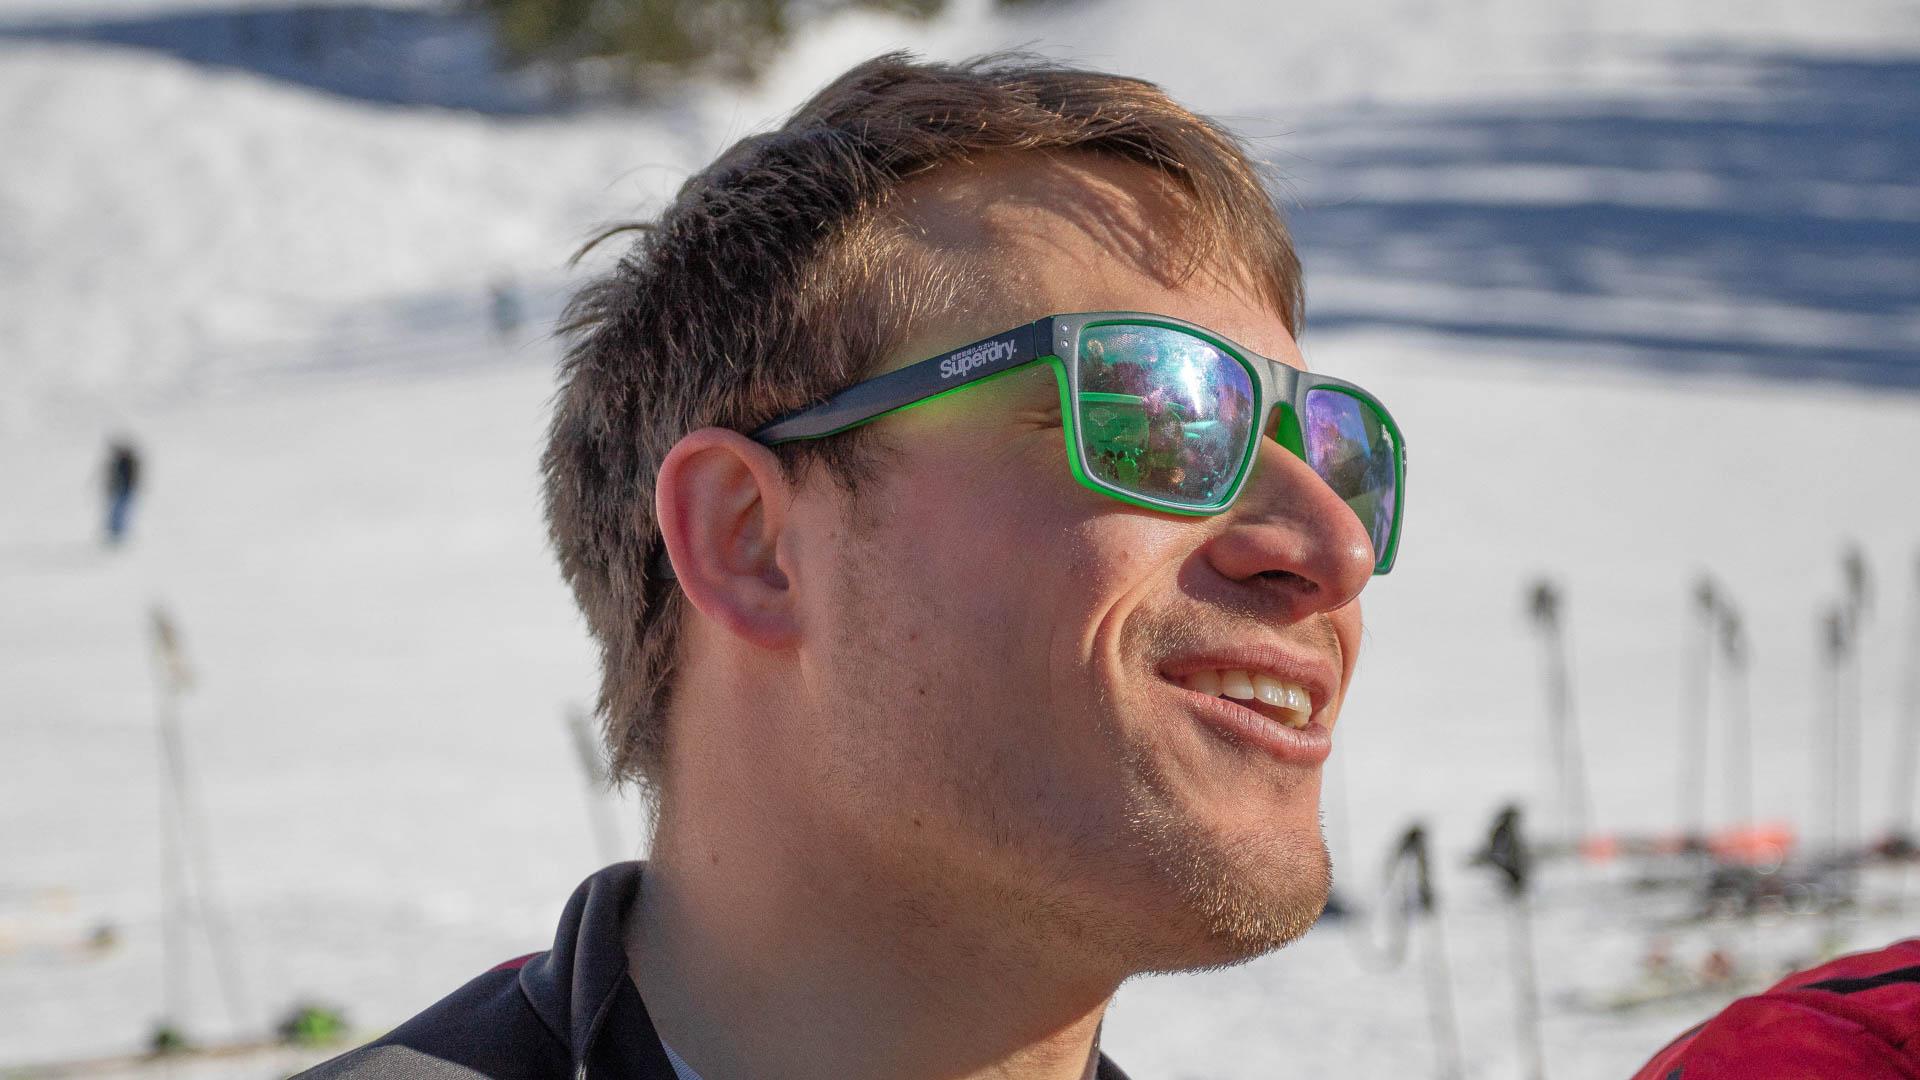 2020-Skifreizeit-Kinder-Jugendliche-Ski-Freizeit-Damüls-Mellau-69-fun-Schnee-Leki-Sun-Johan-Keller-Portrait